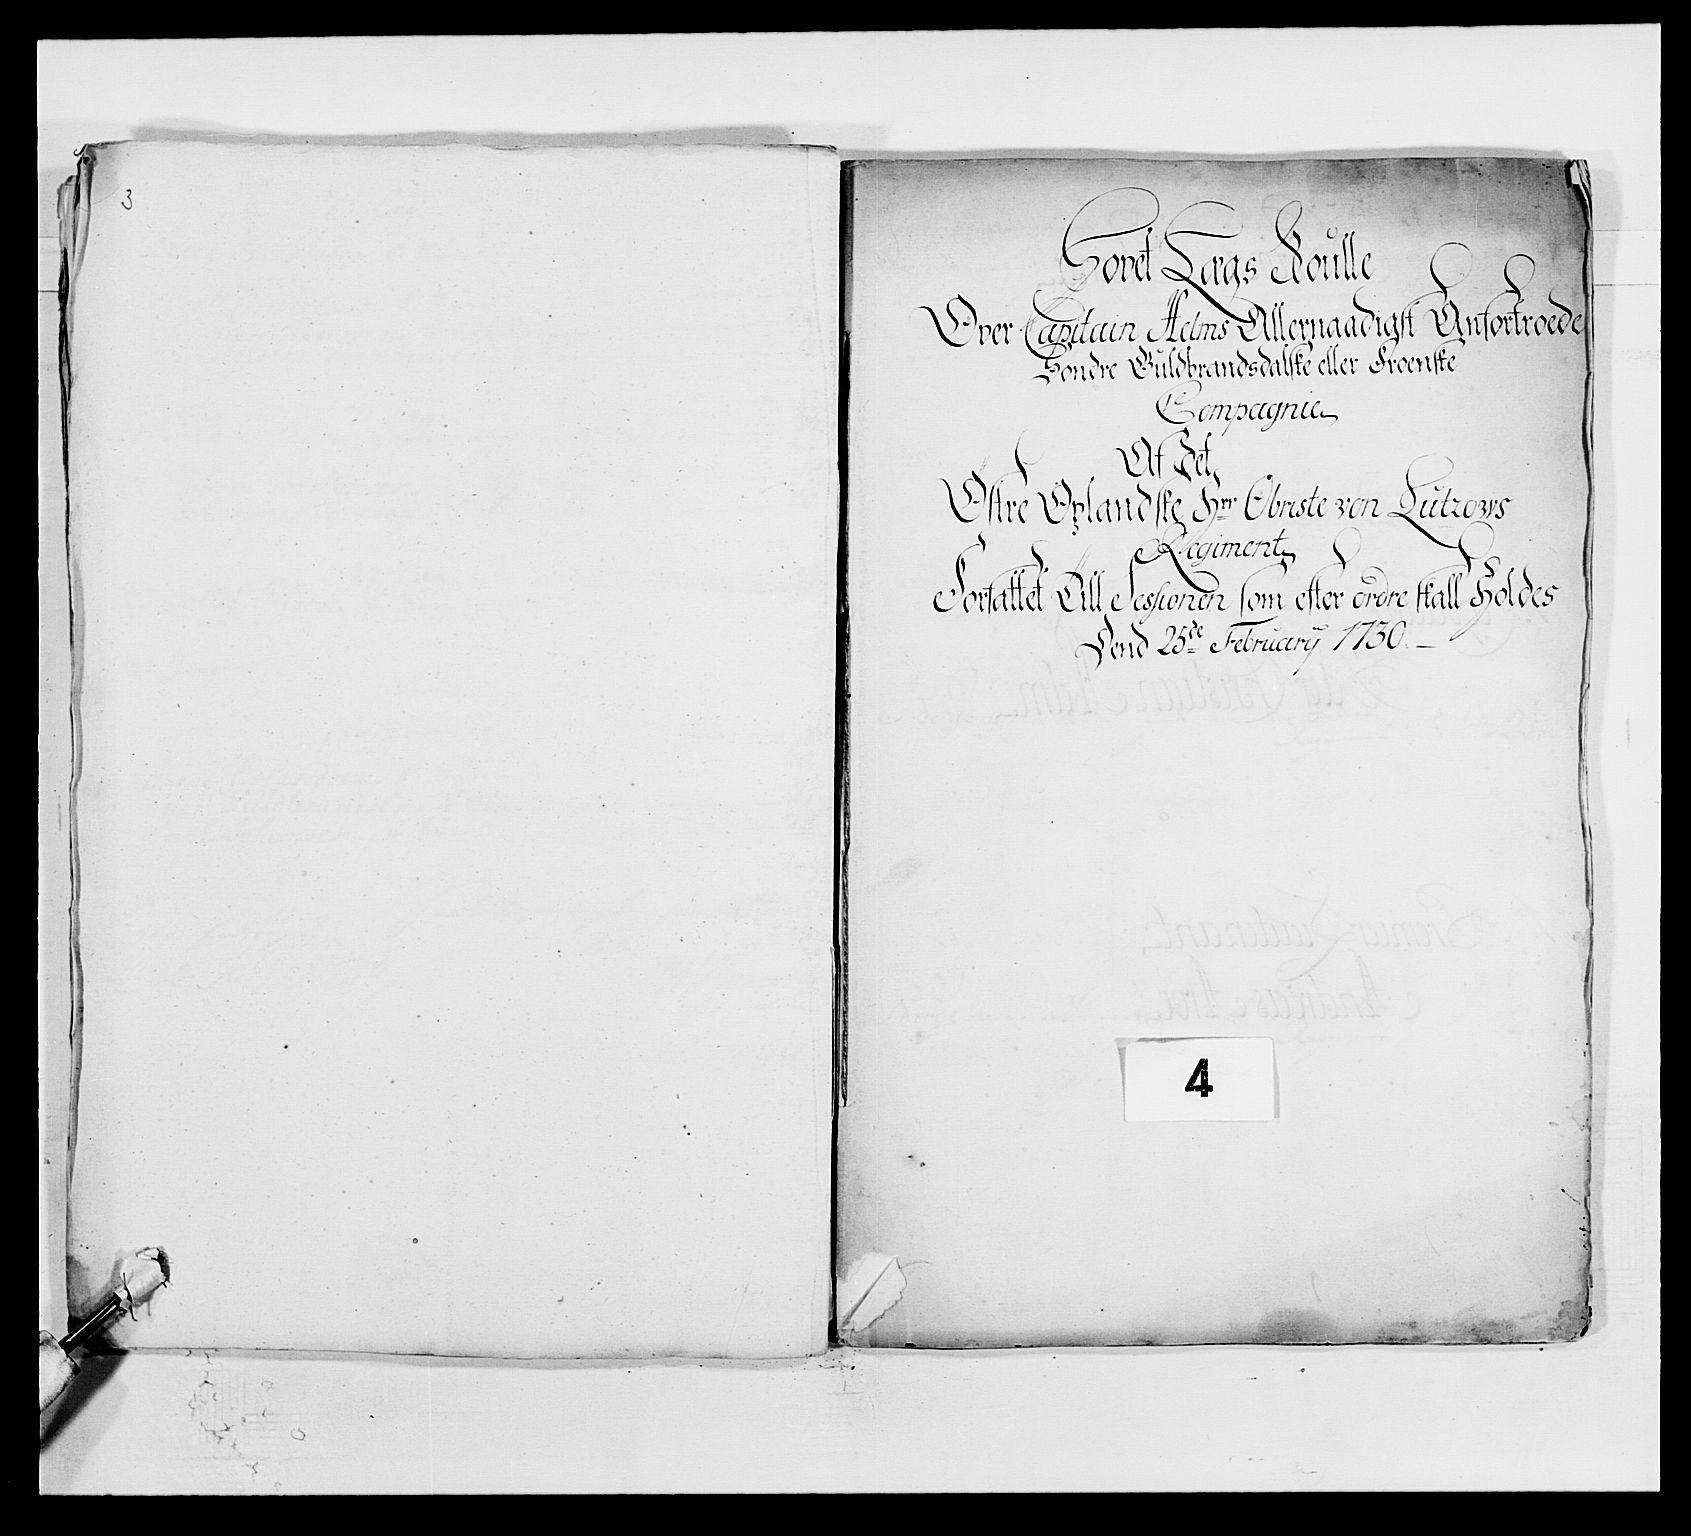 RA, Kommanderende general (KG I) med Det norske krigsdirektorium, E/Ea/L0502: 1. Opplandske regiment, 1720-1743, s. 33